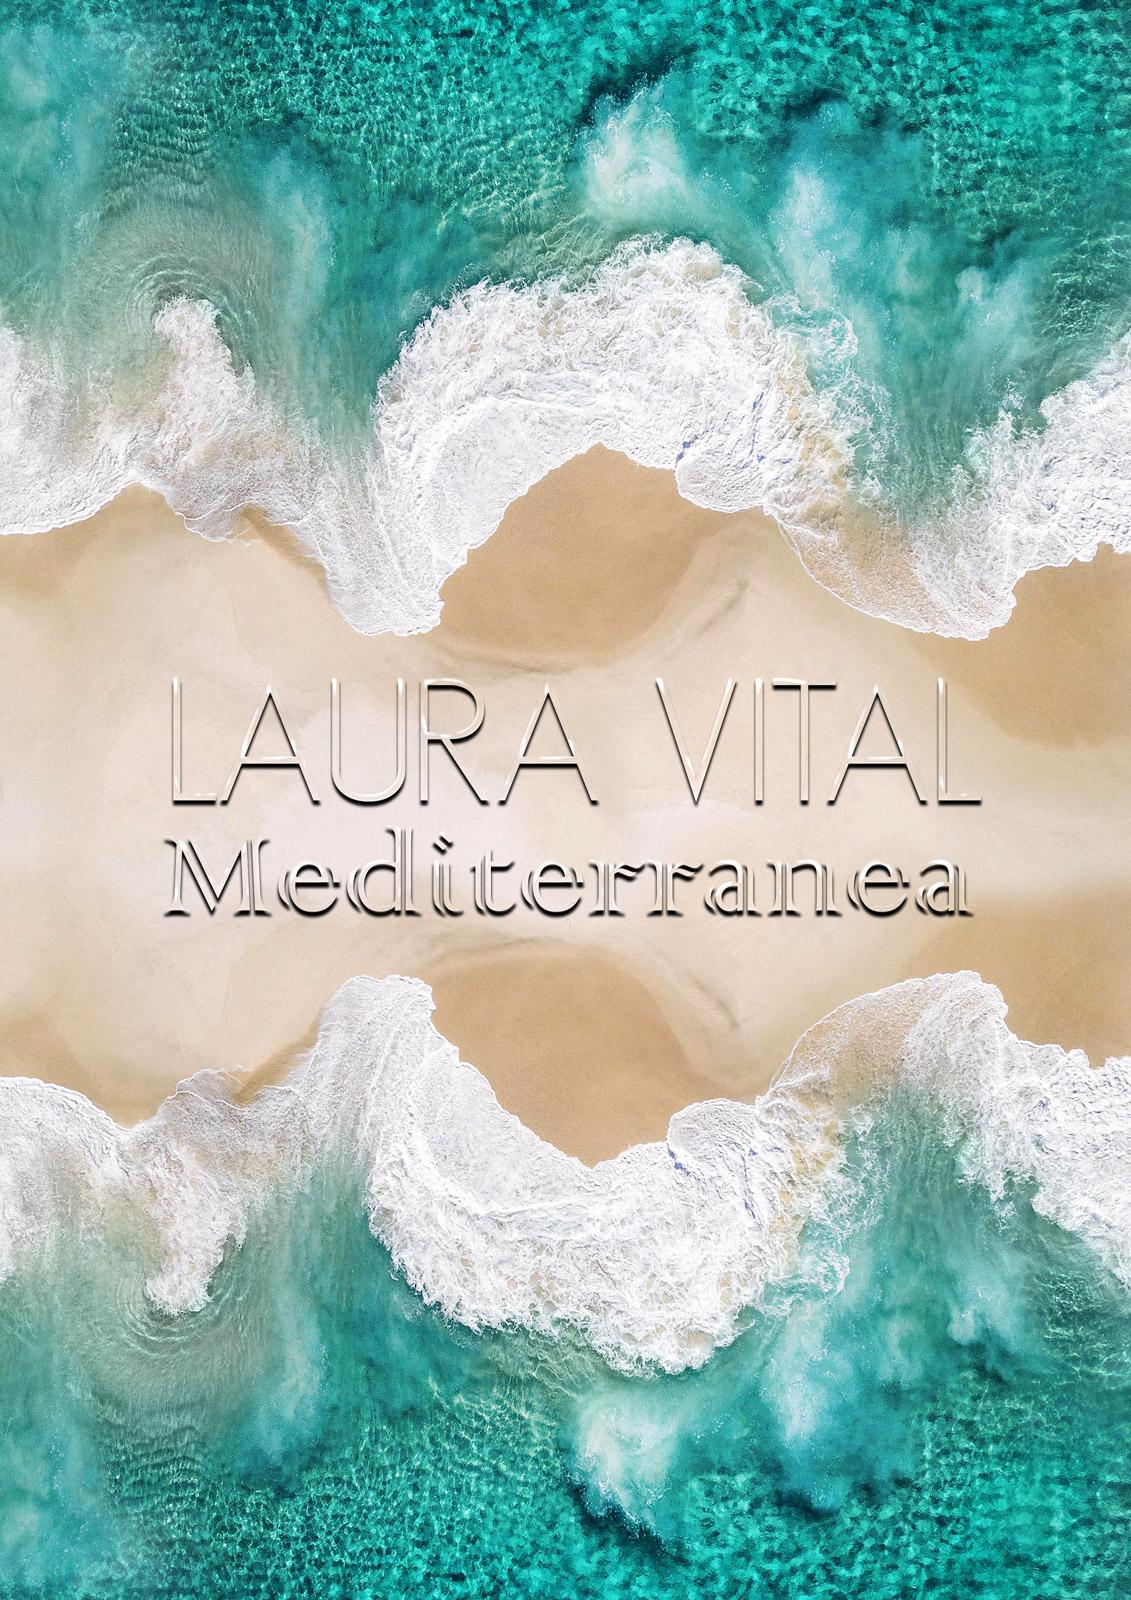 Cartel Mediterrranea Laura Vital. Buenasombrafilms. © Felix Vazquez